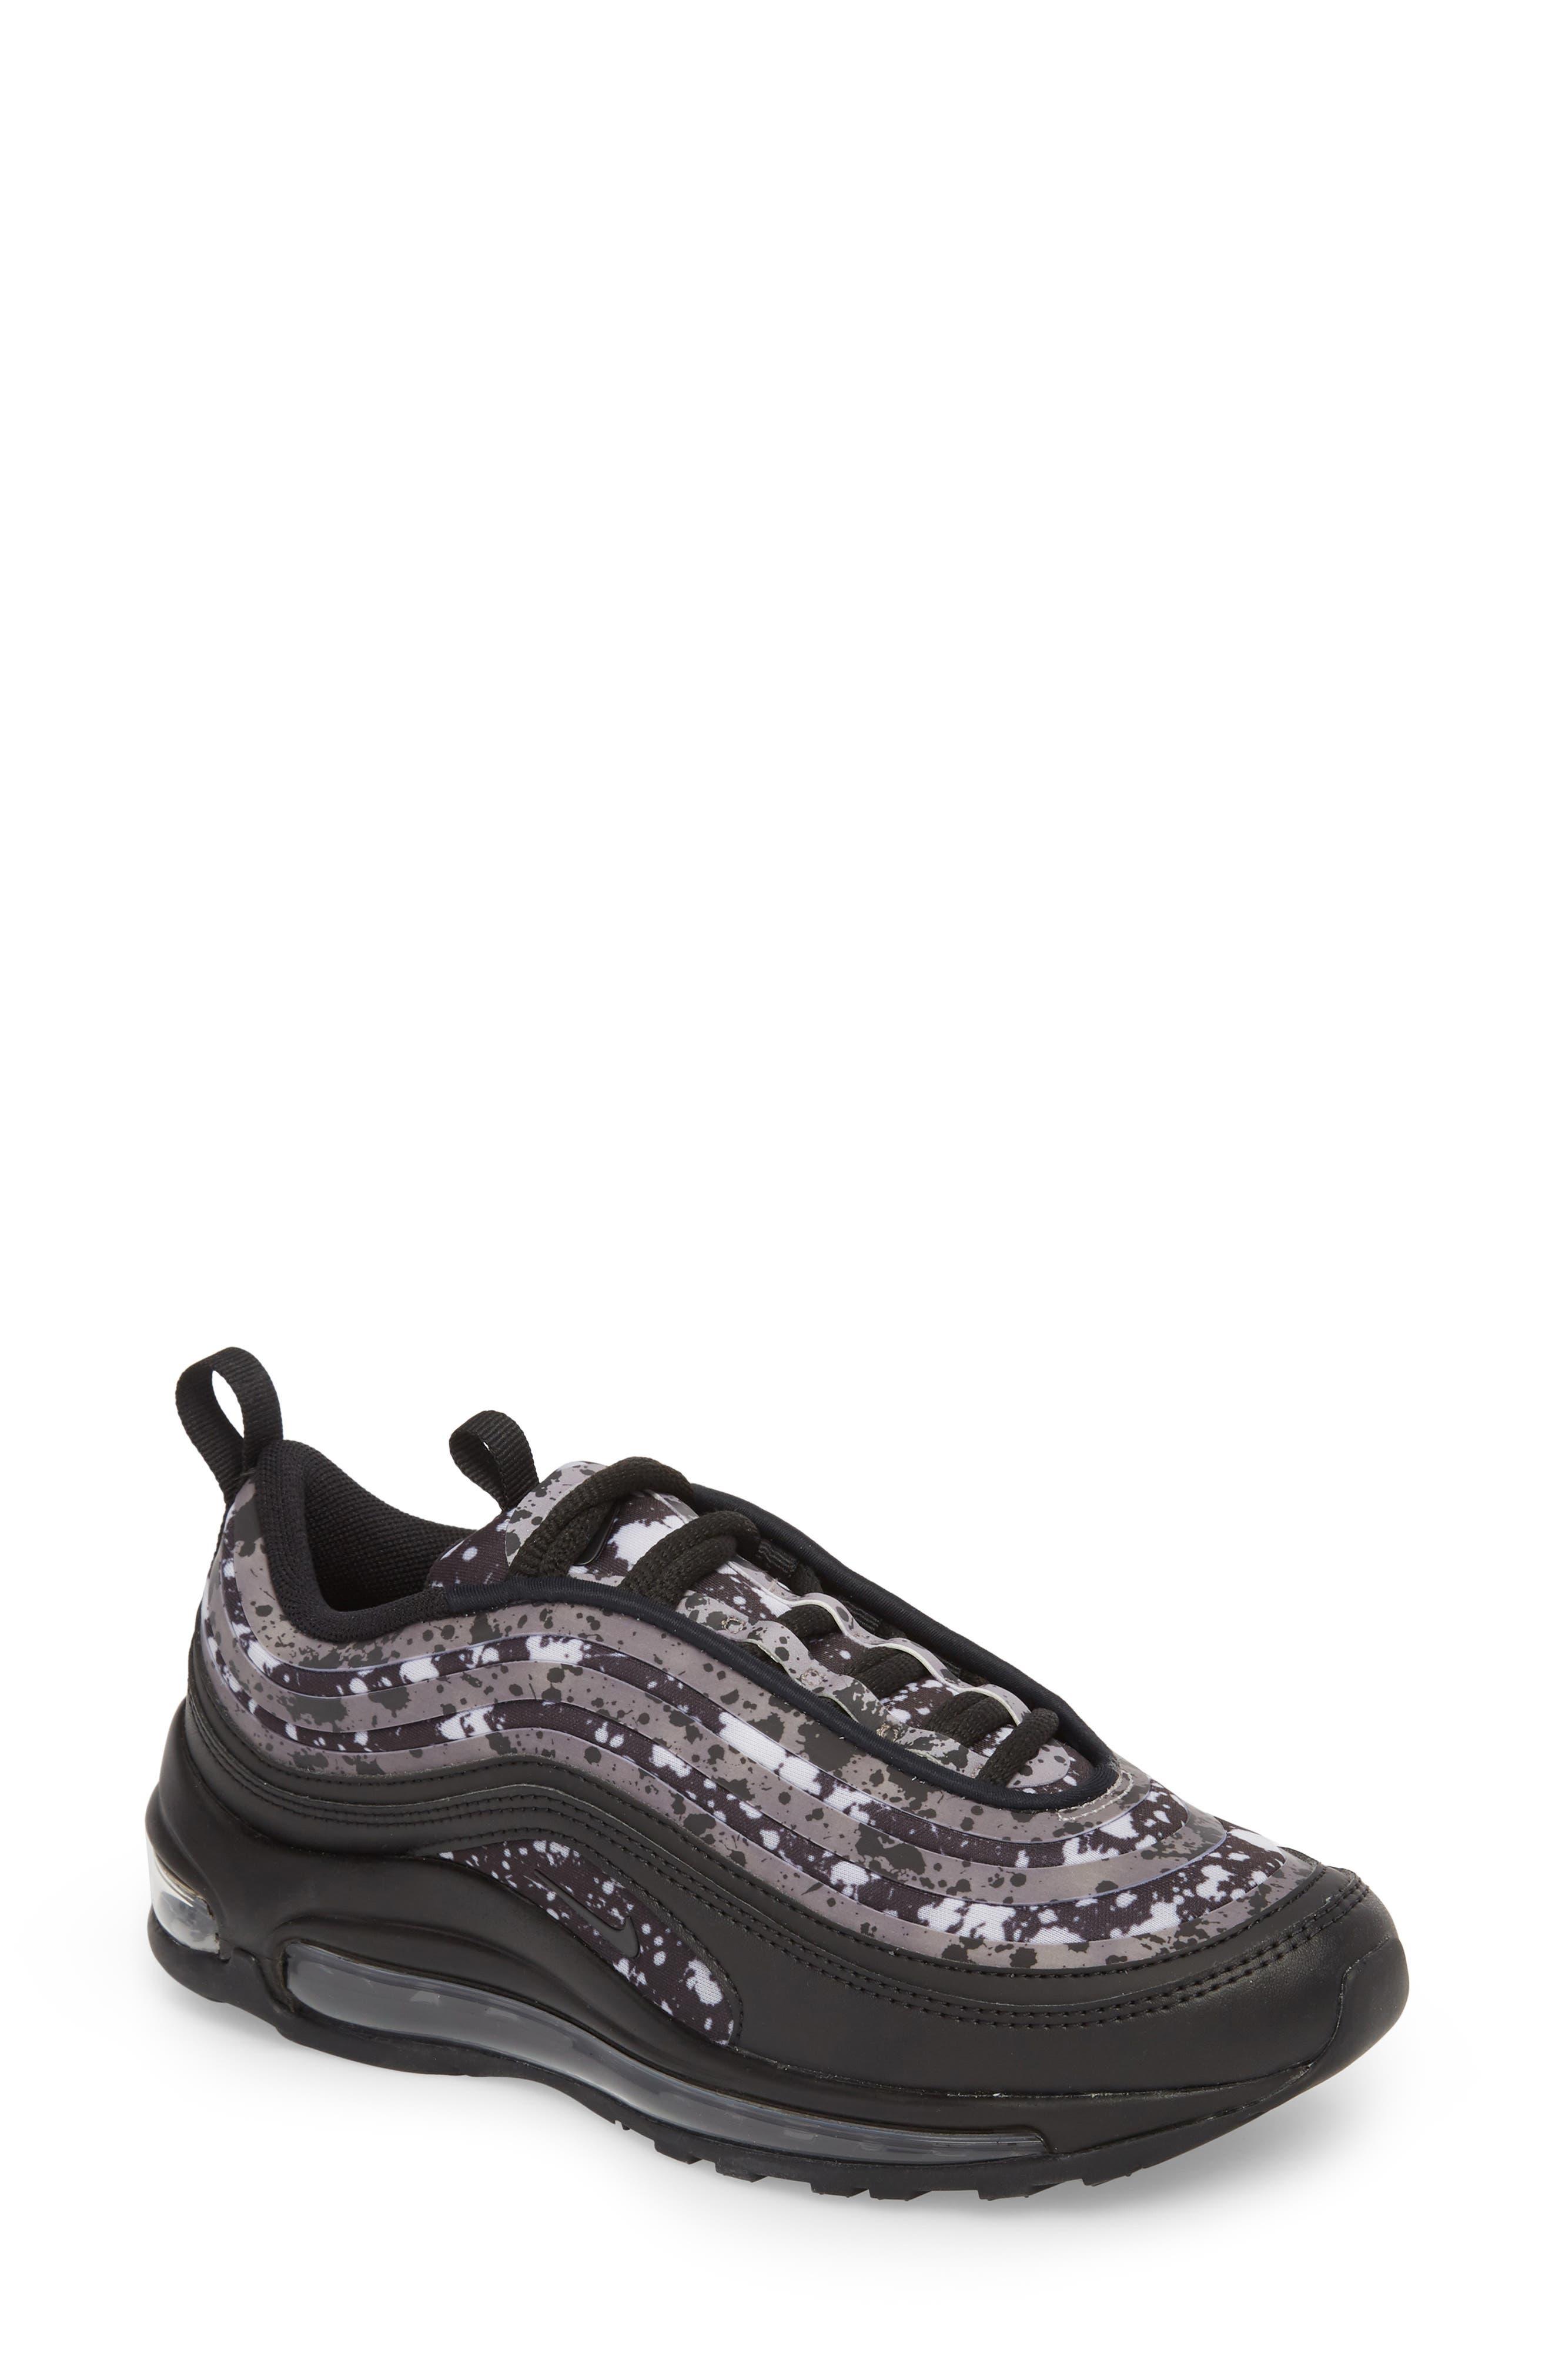 Nike Blazer Mid Noir Des Femmes De Maille Chaussures Lacets Rose Vif sortie livraison rapide classique en ligne livraison rapide classique à vendre réduction en ligne AXkePiciU